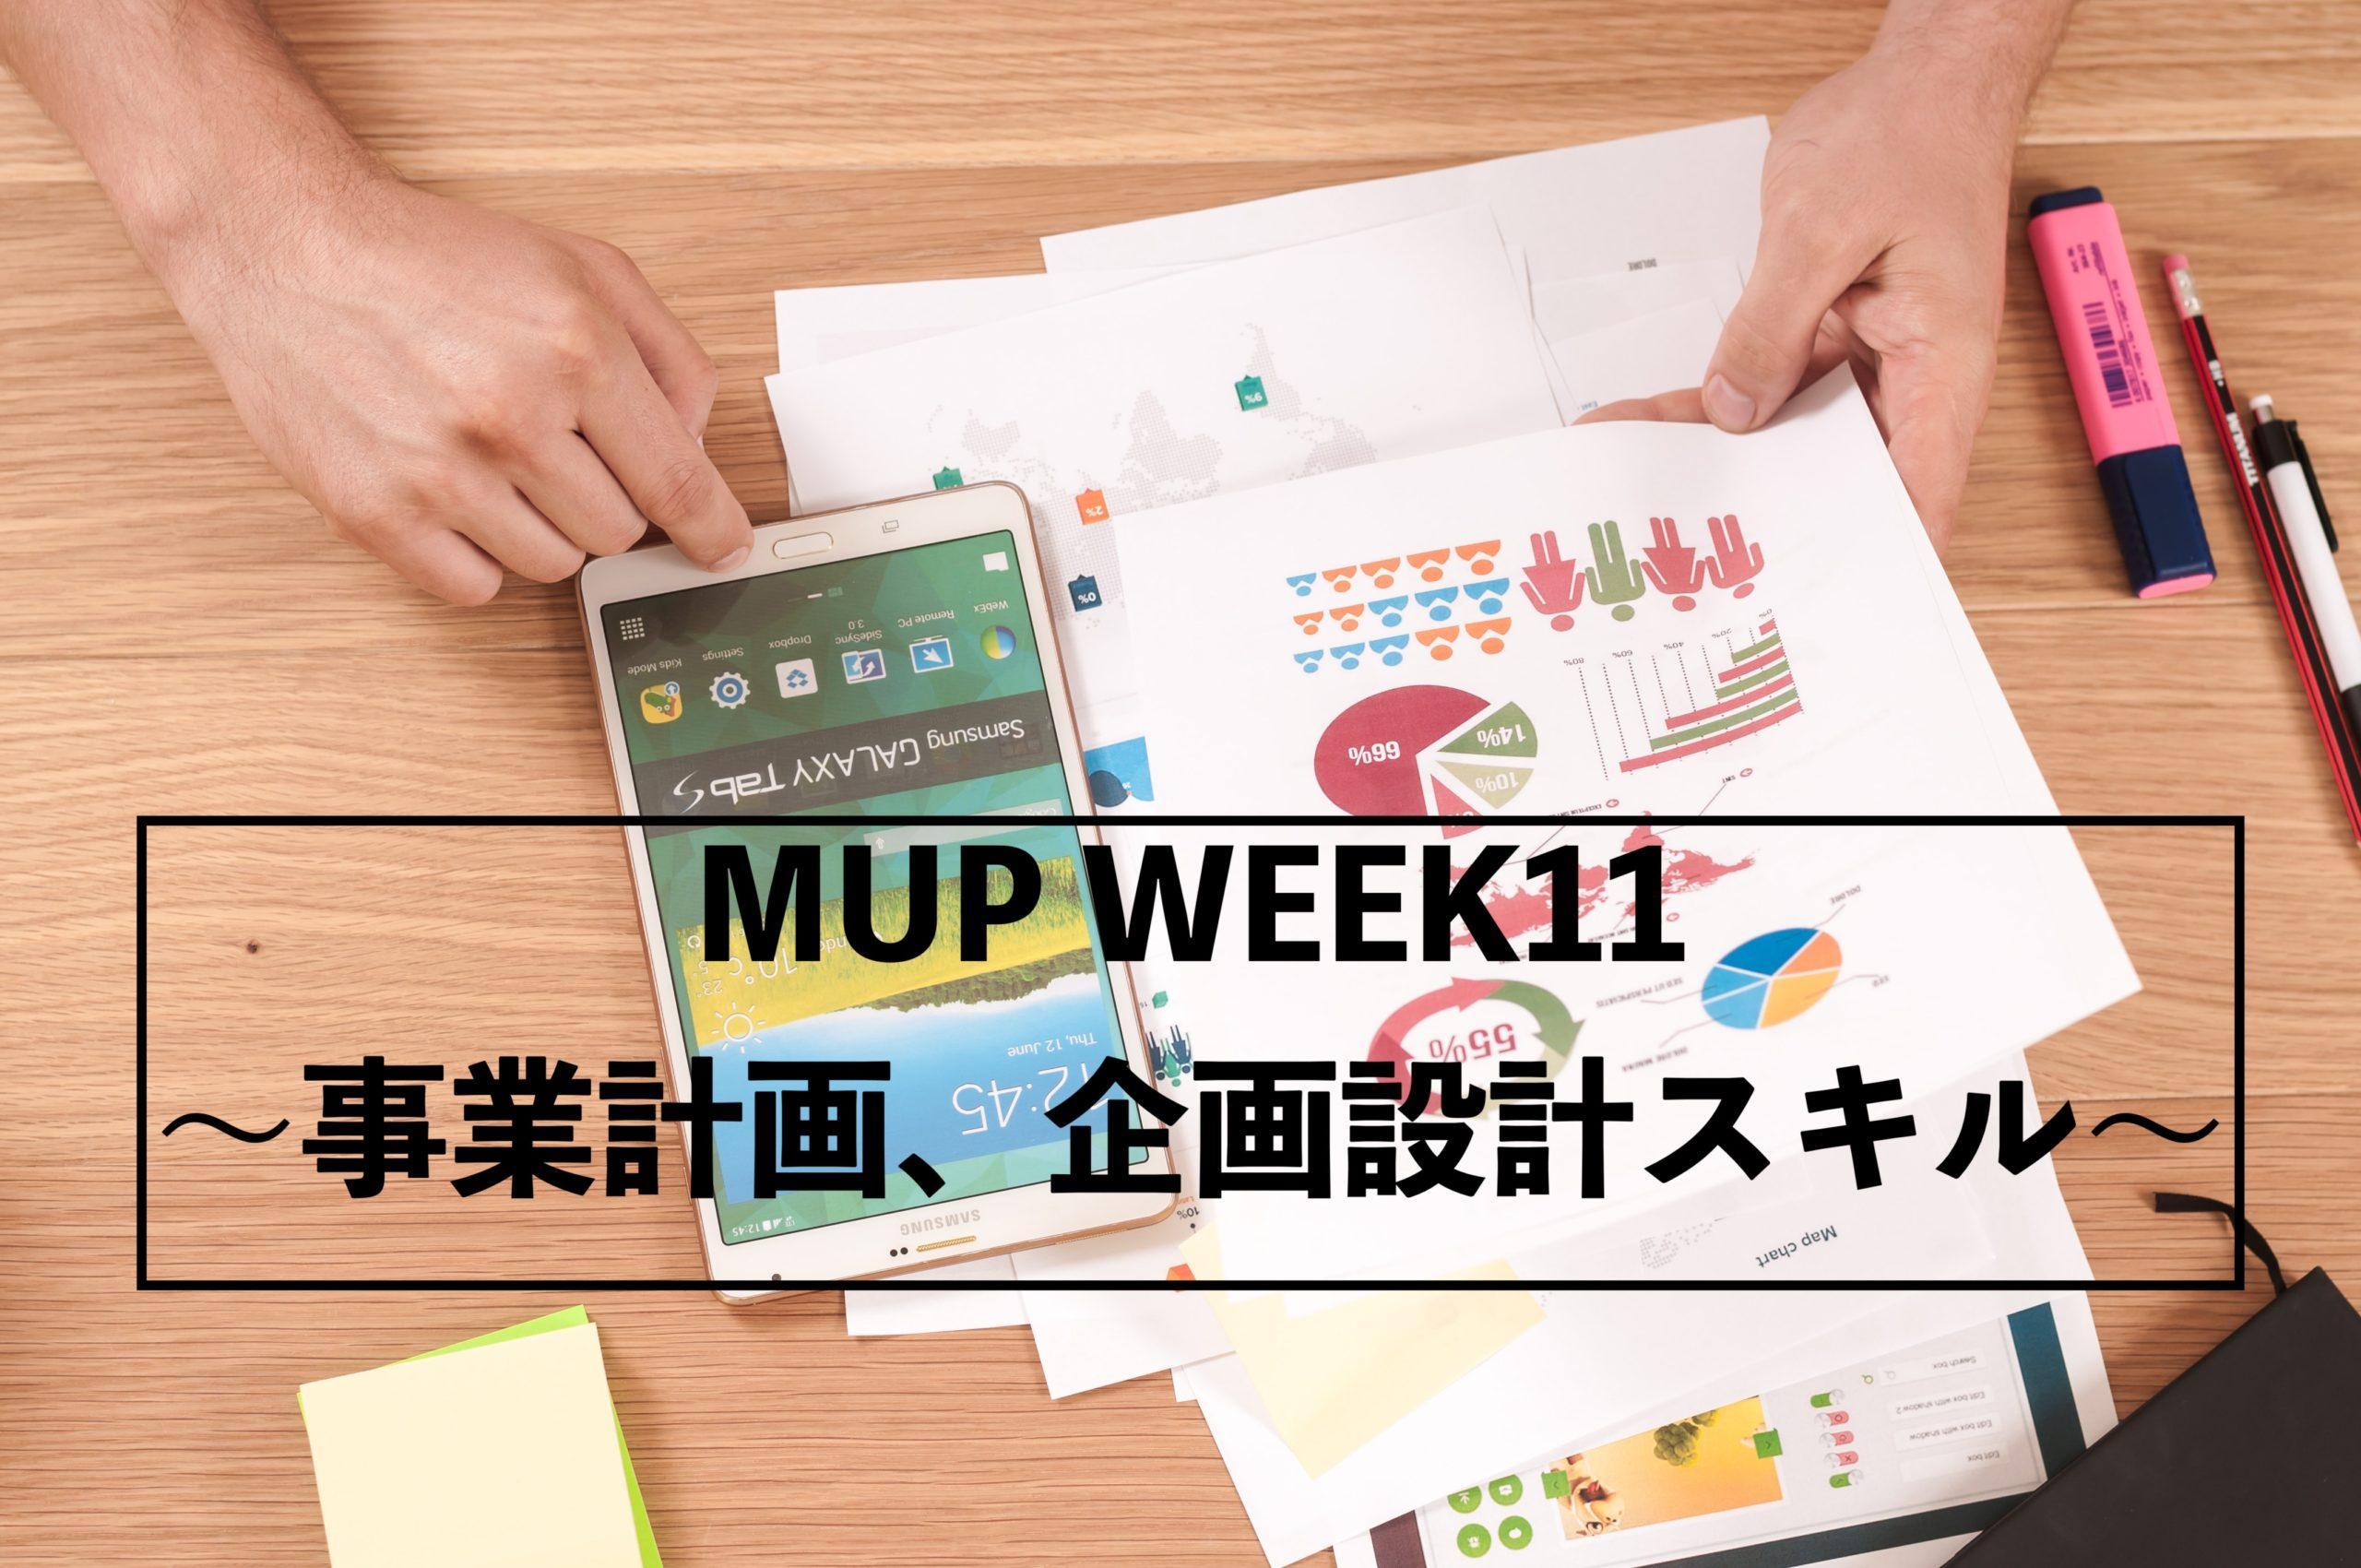 MUPWEEK11